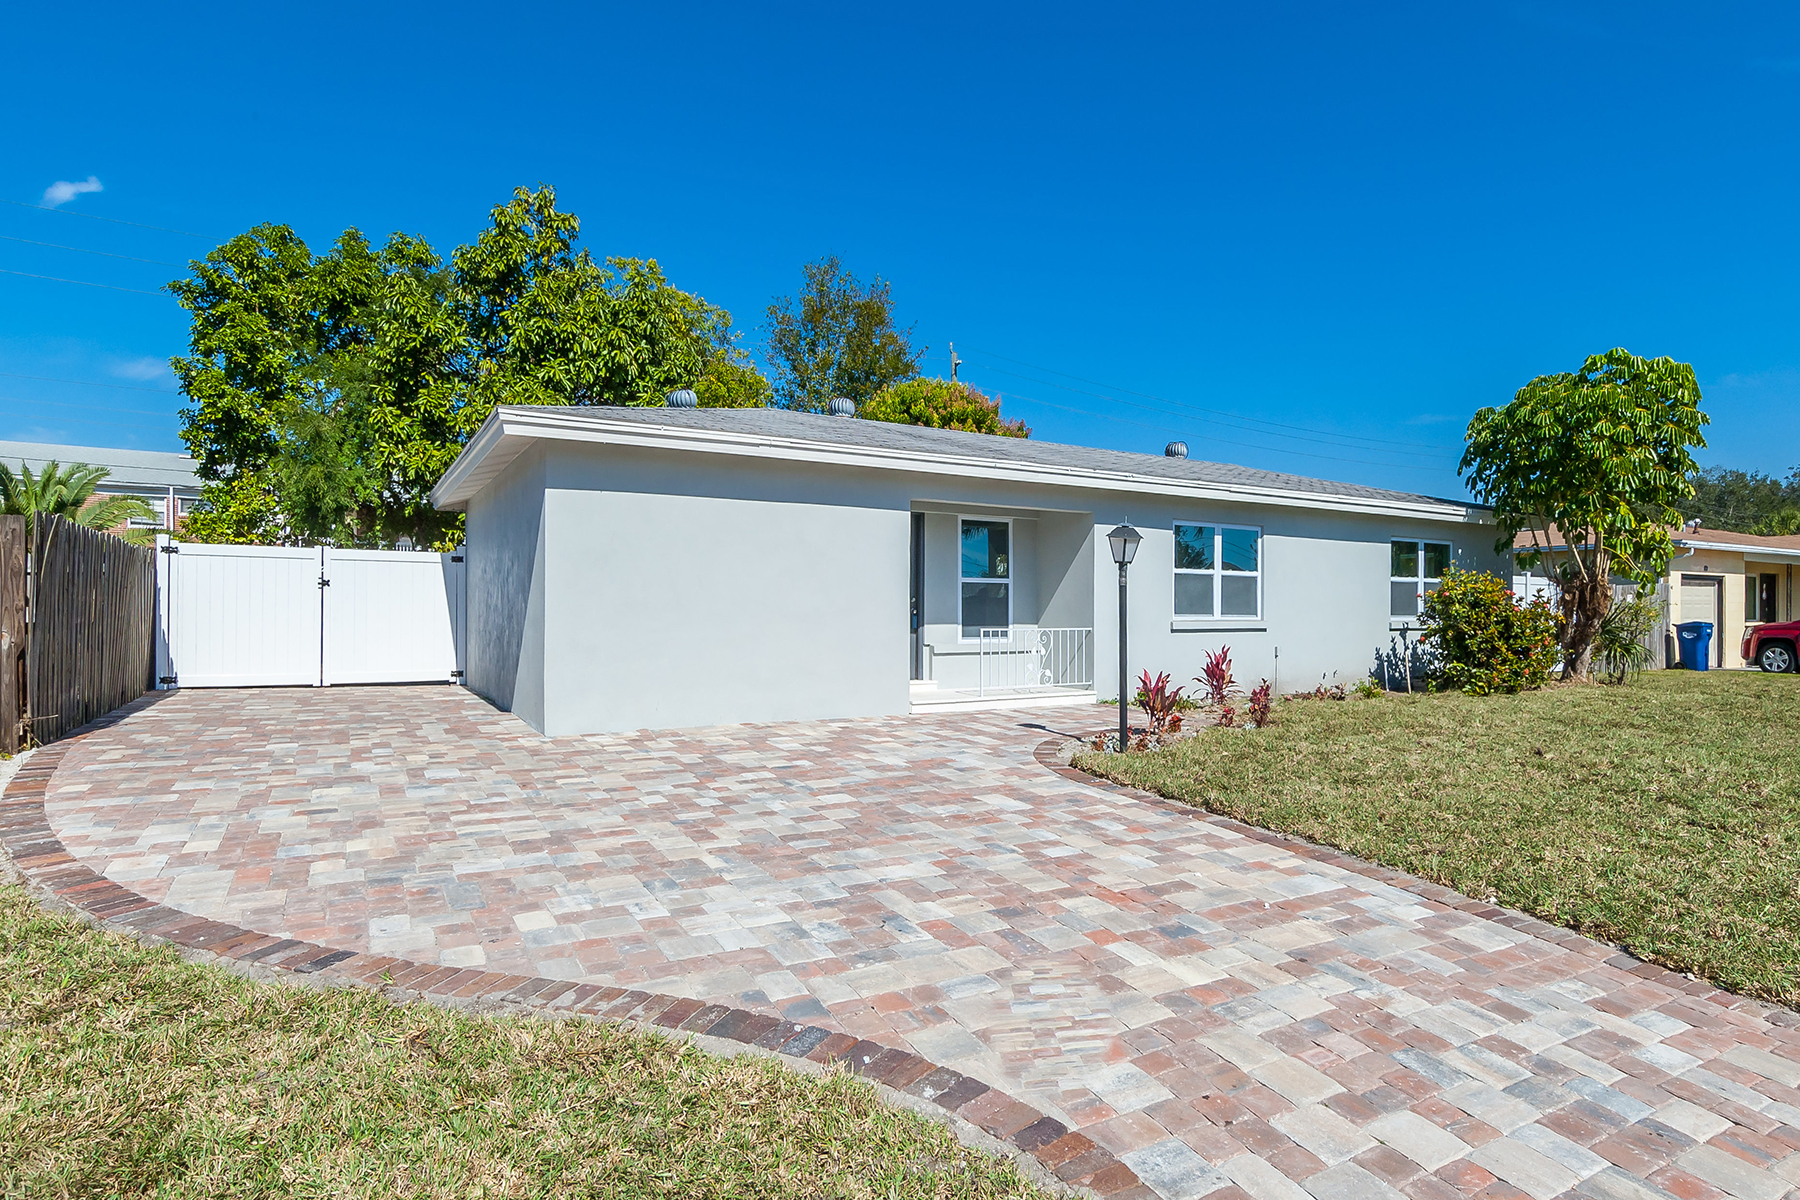 独户住宅 为 销售 在 906 Orlando Ave , Bradenton, FL 34207 906 Orlando Ave, 布雷登顿, 佛罗里达州, 34207 美国